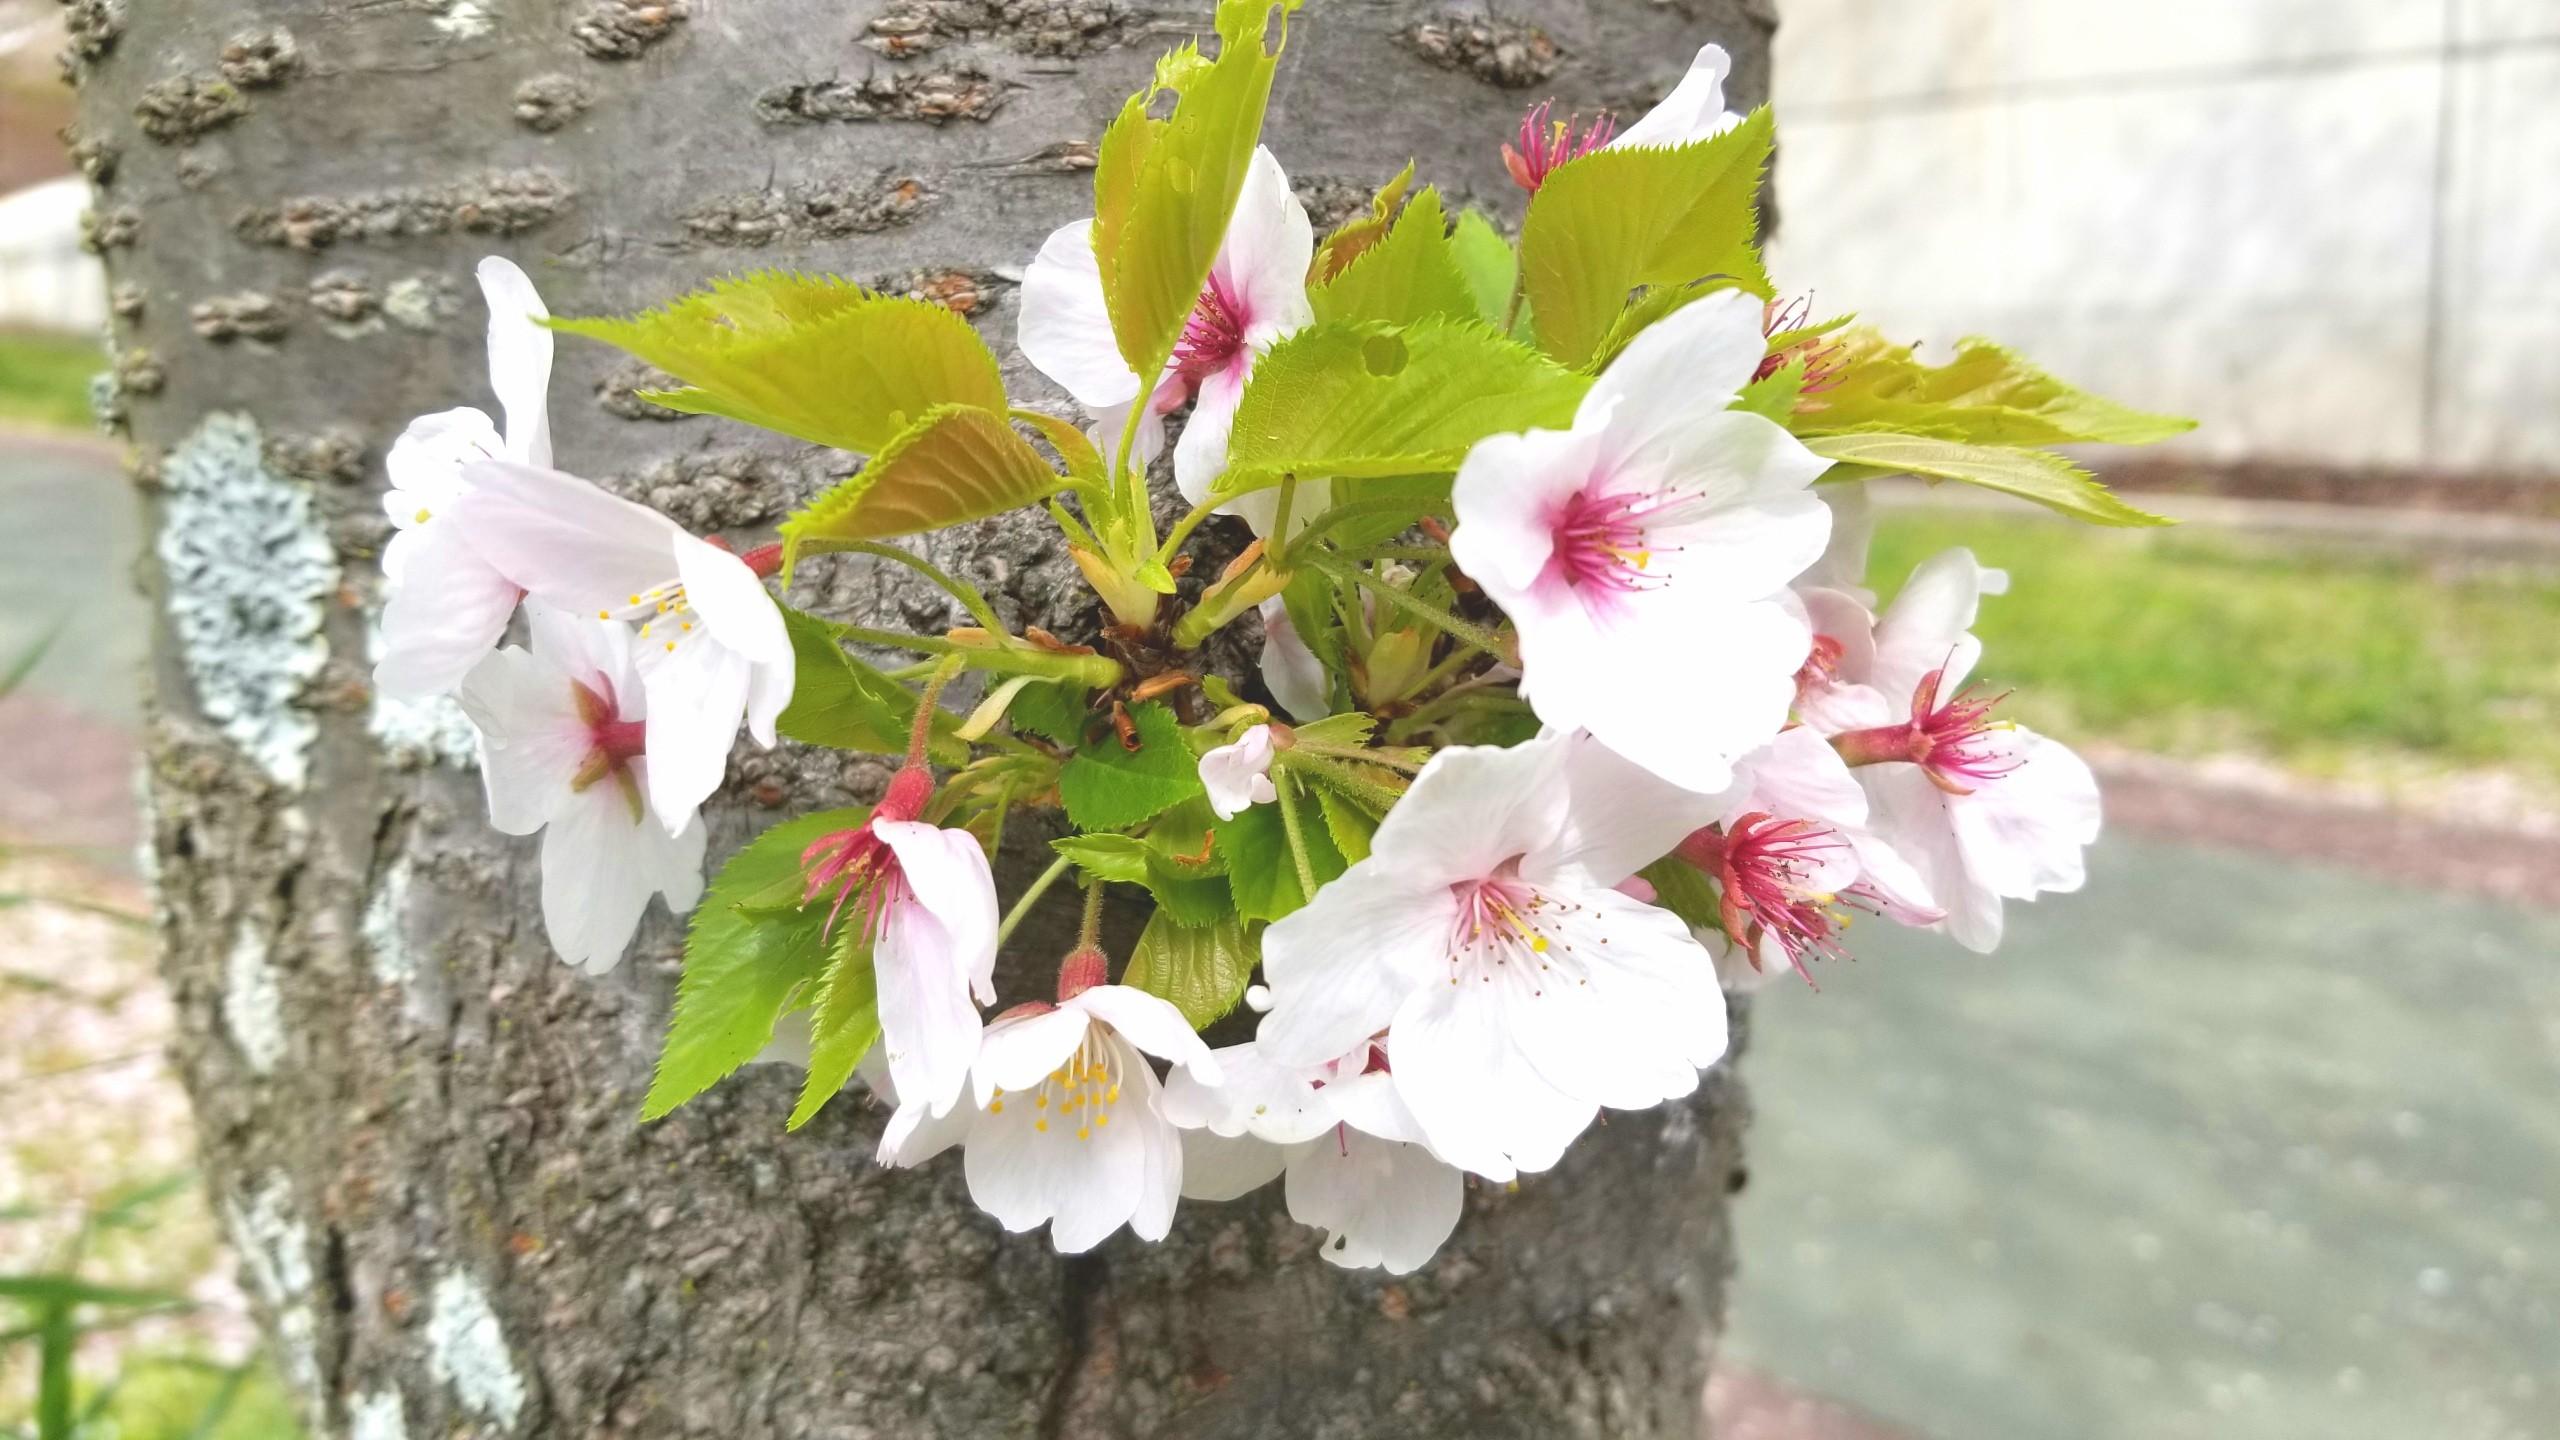 お花見近く遊び桜並木遅い,公園散歩人気スポットおすすめ,ピクニック